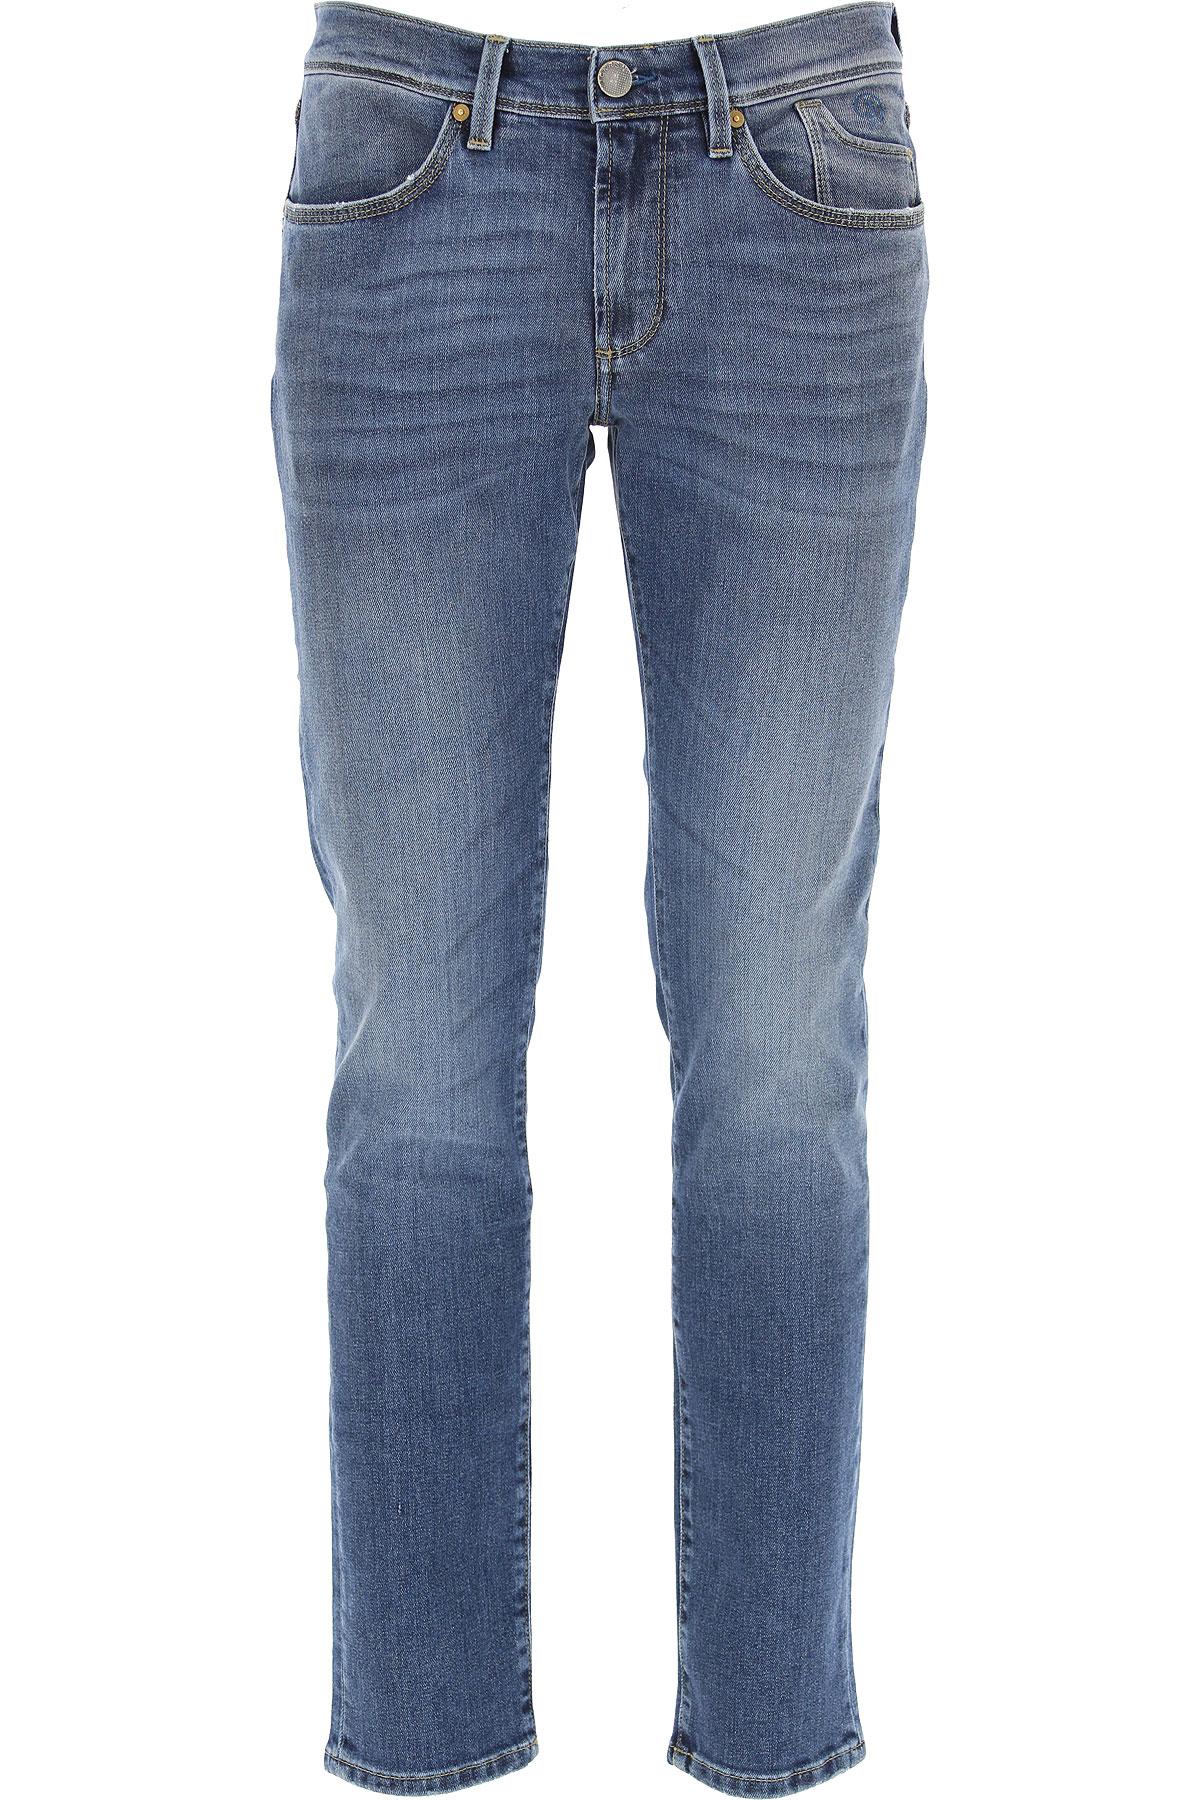 Jeckerson Jeans On Sale, Blue Denim, Cotton, 2019, 34 36 38